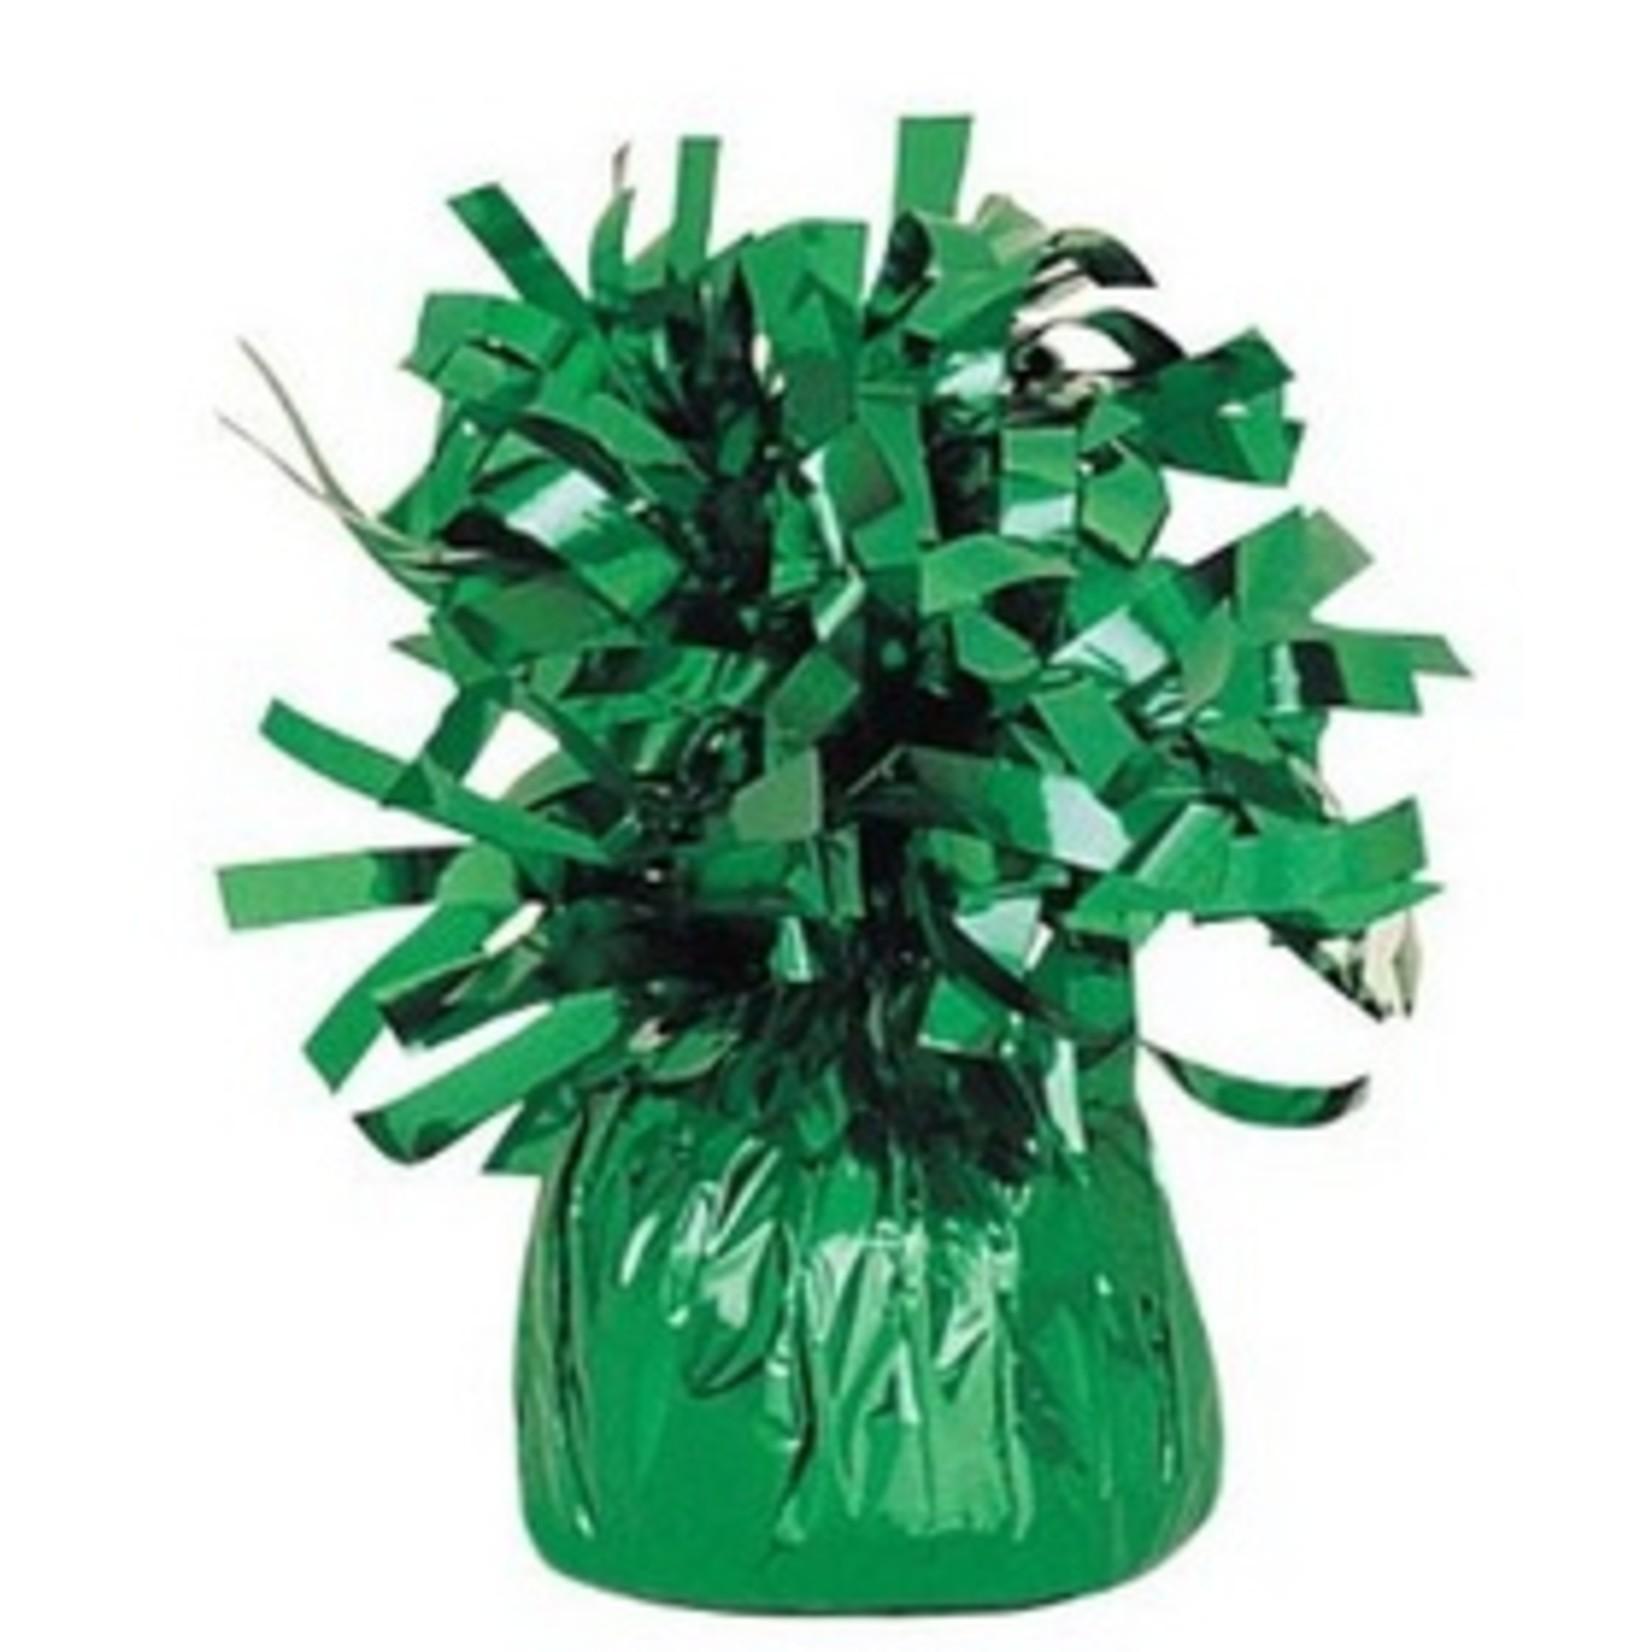 """Balloon Weight-Foil-Green-1pkg-4.5""""x2.25"""""""